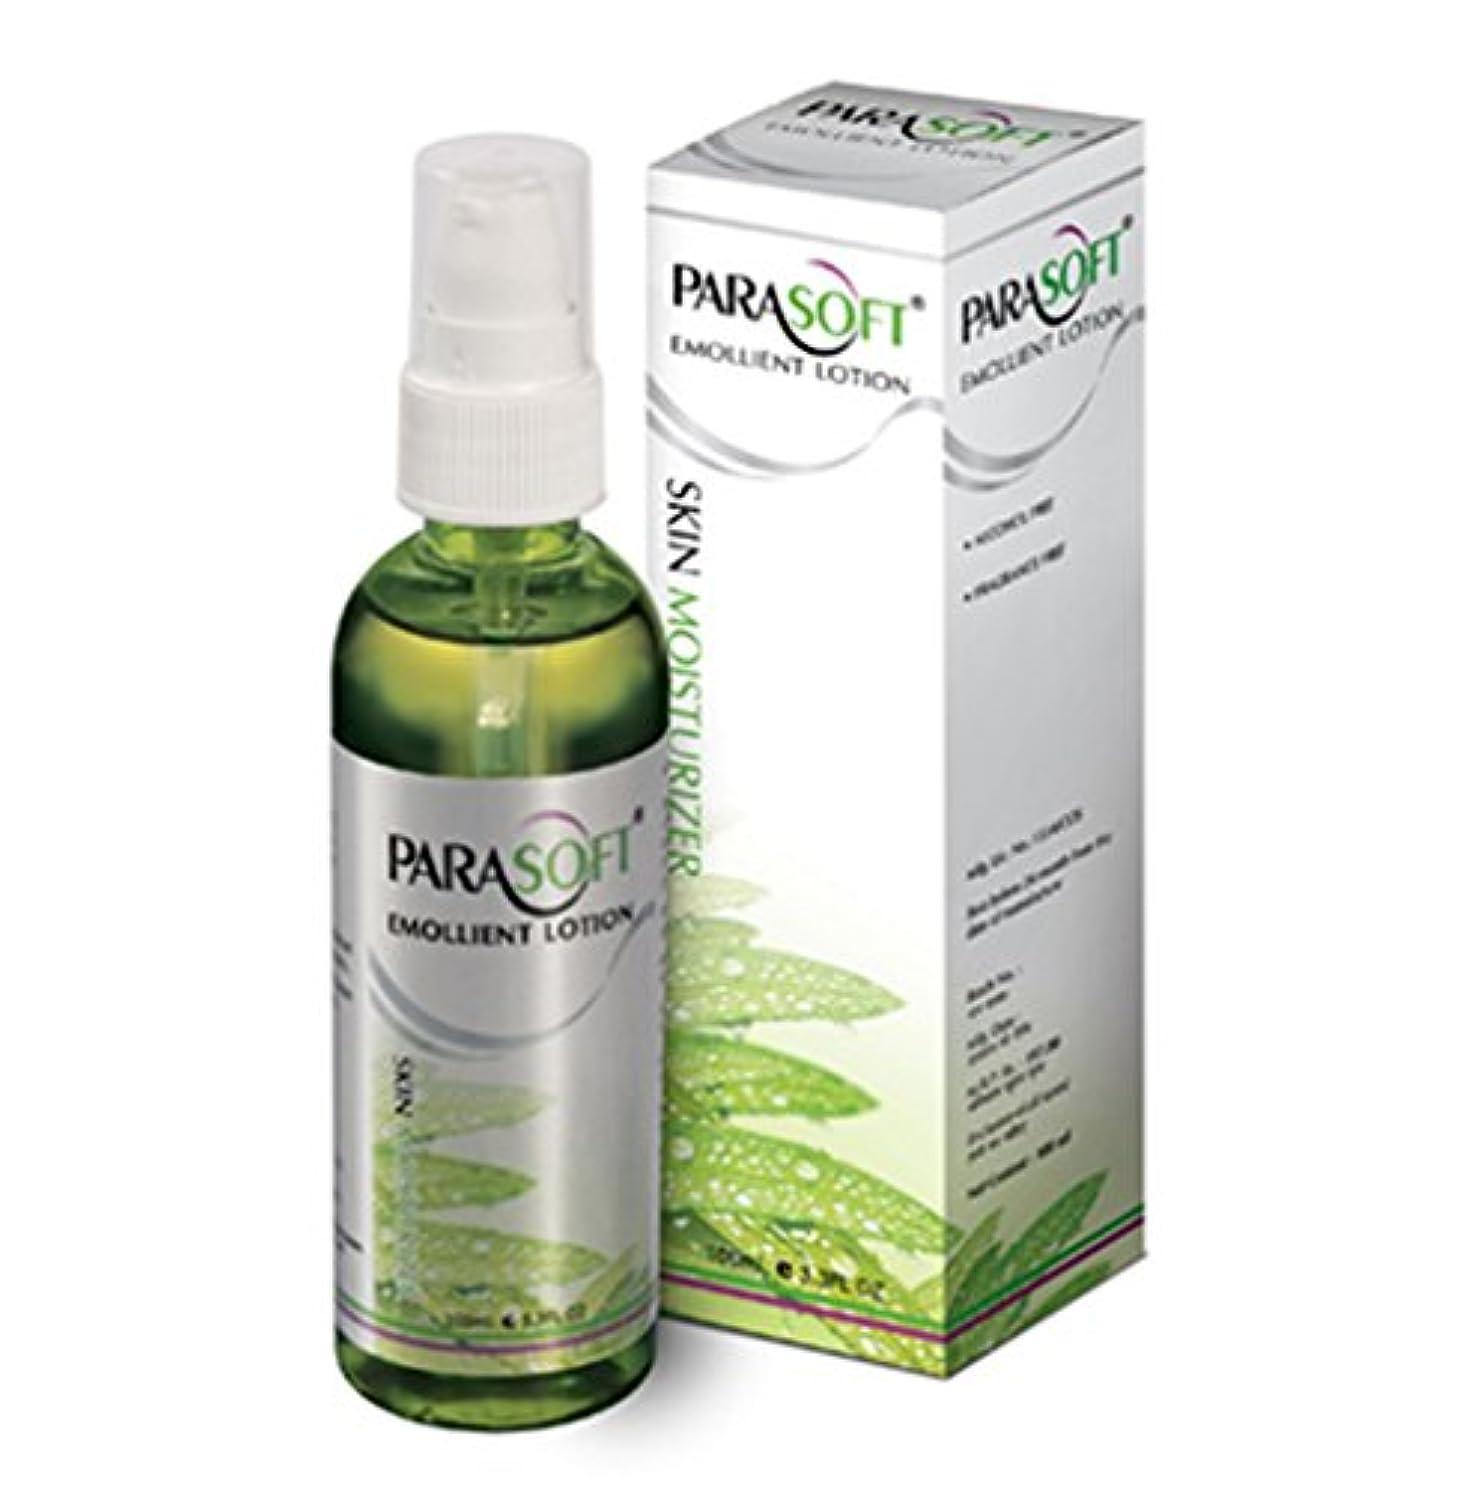 エキス横に枕Paraffin Lotion Grapeseed, Jojoba, Aloevera, Avocado, Olive Oil Dry Skin 100ml